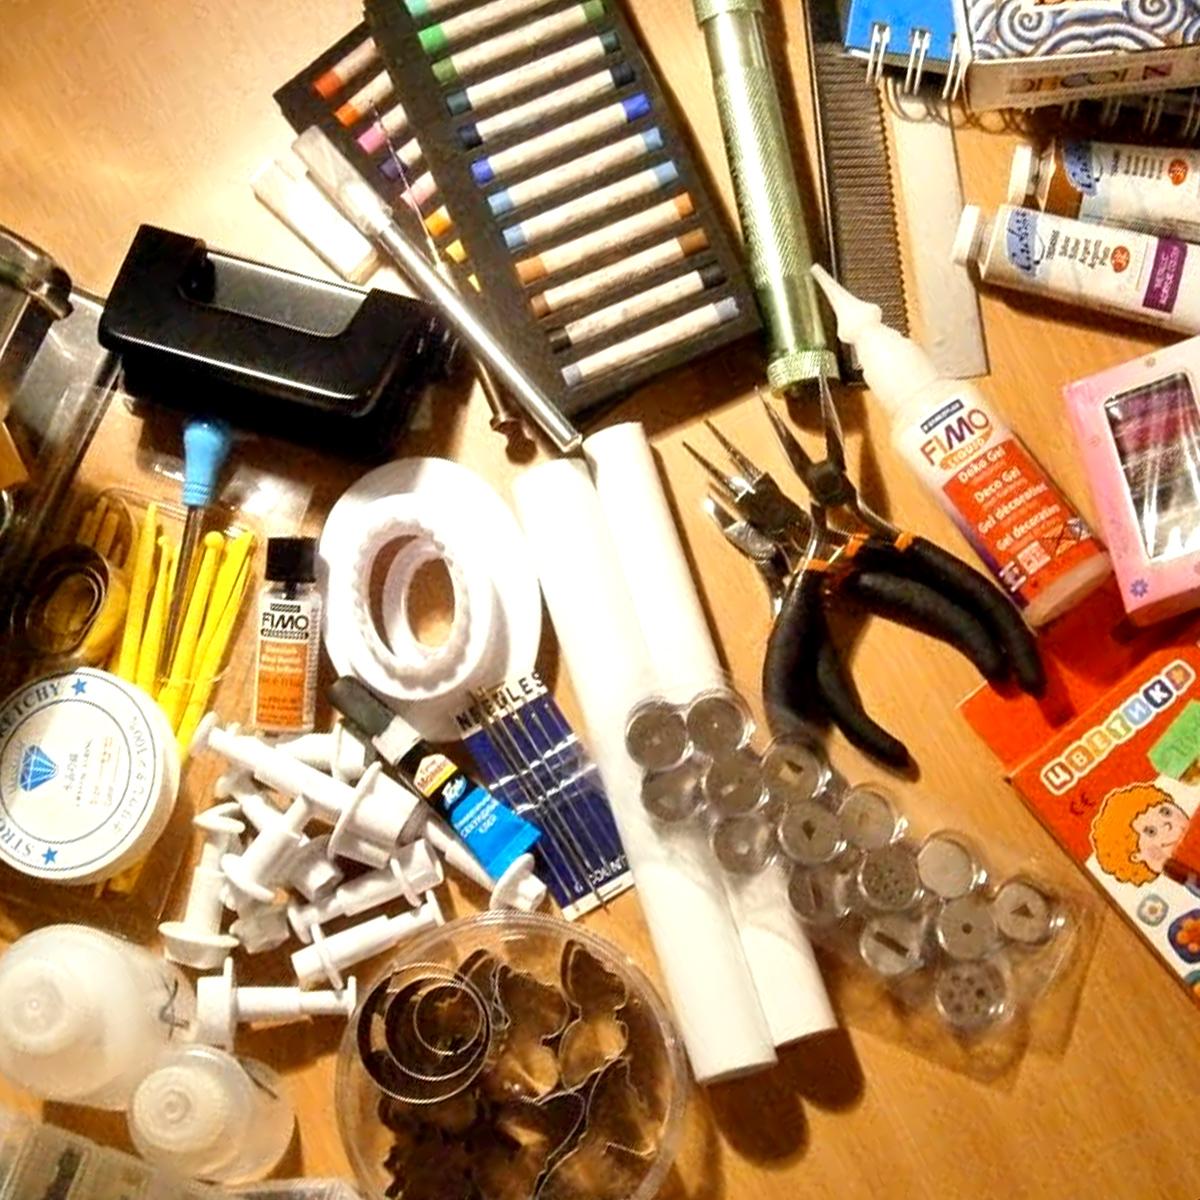 Инструменты и материалы, применяемые для работы с ювелирным эпоксидным компаундом фото 5